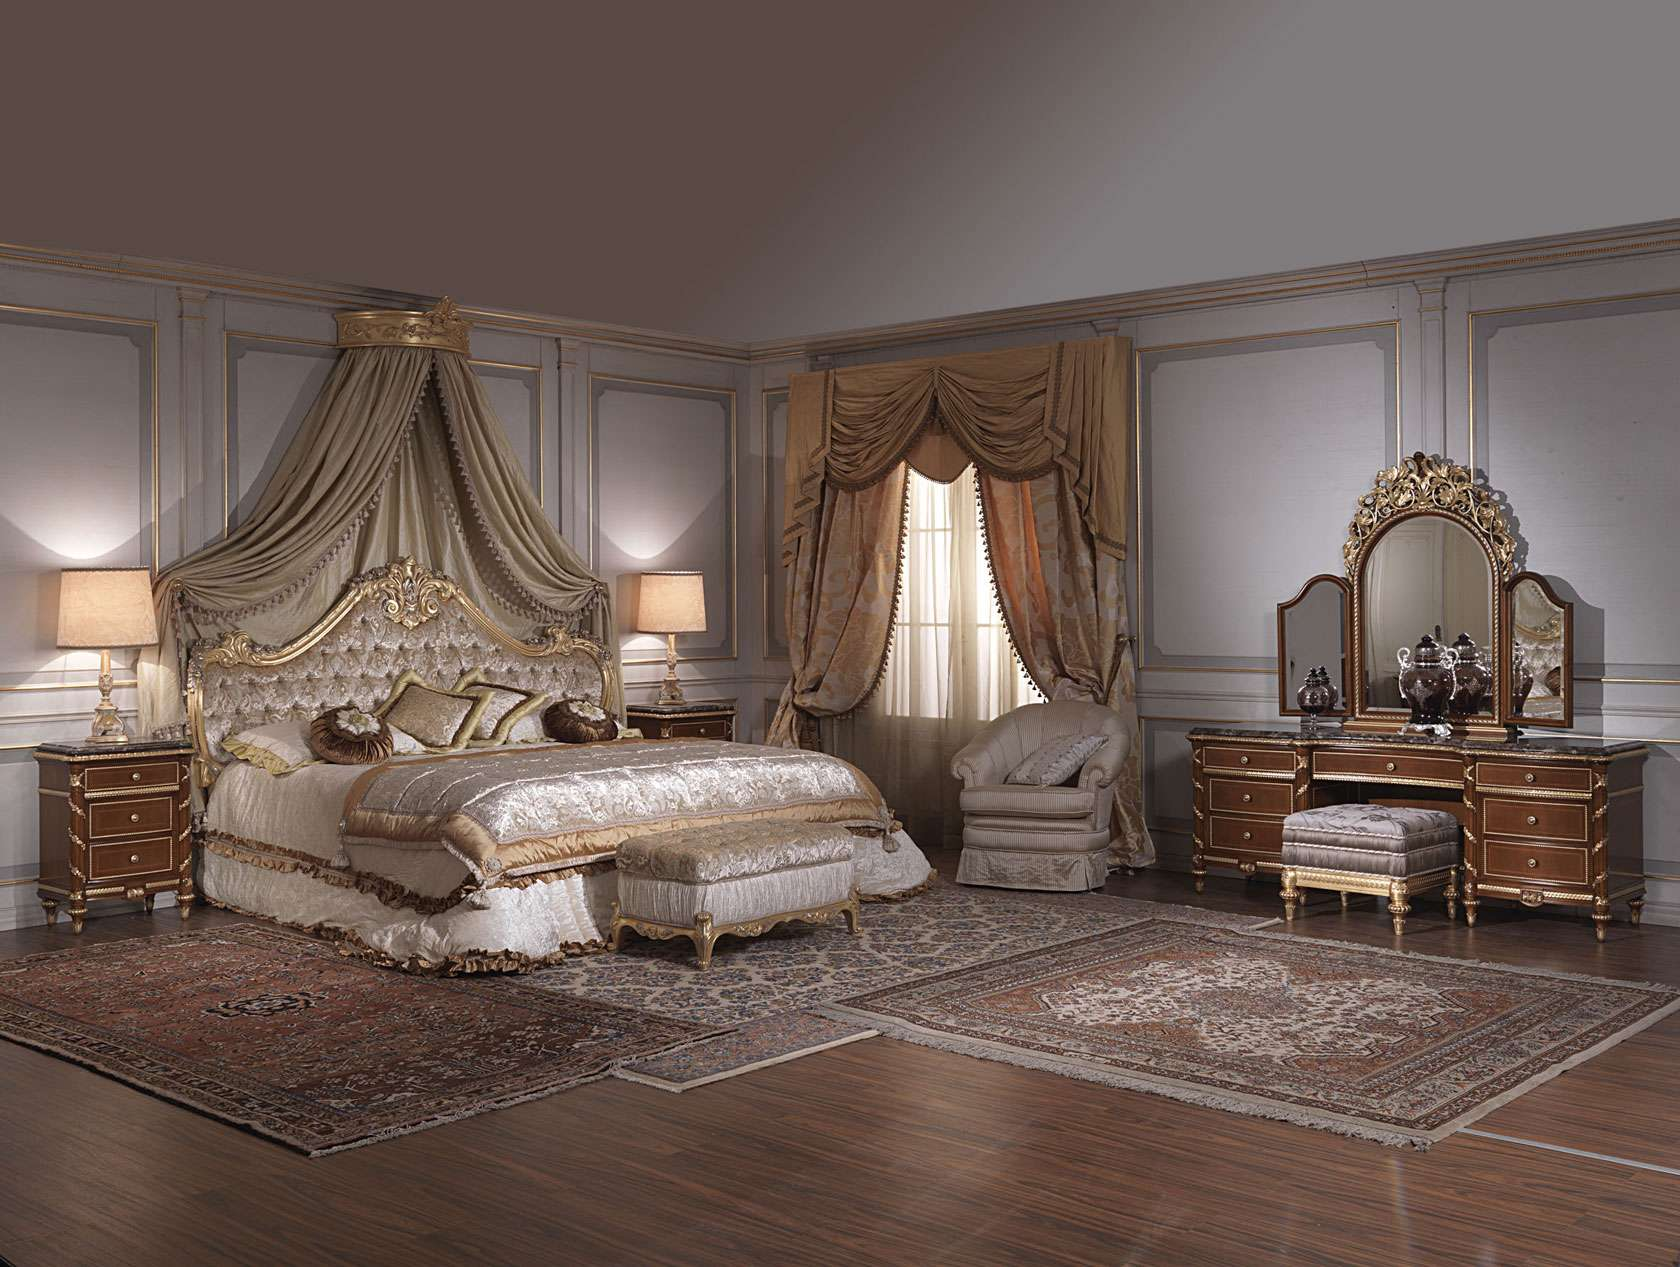 camera da letto classica 700 italiano toilette e comodini luigi xv vimercati meda. Black Bedroom Furniture Sets. Home Design Ideas